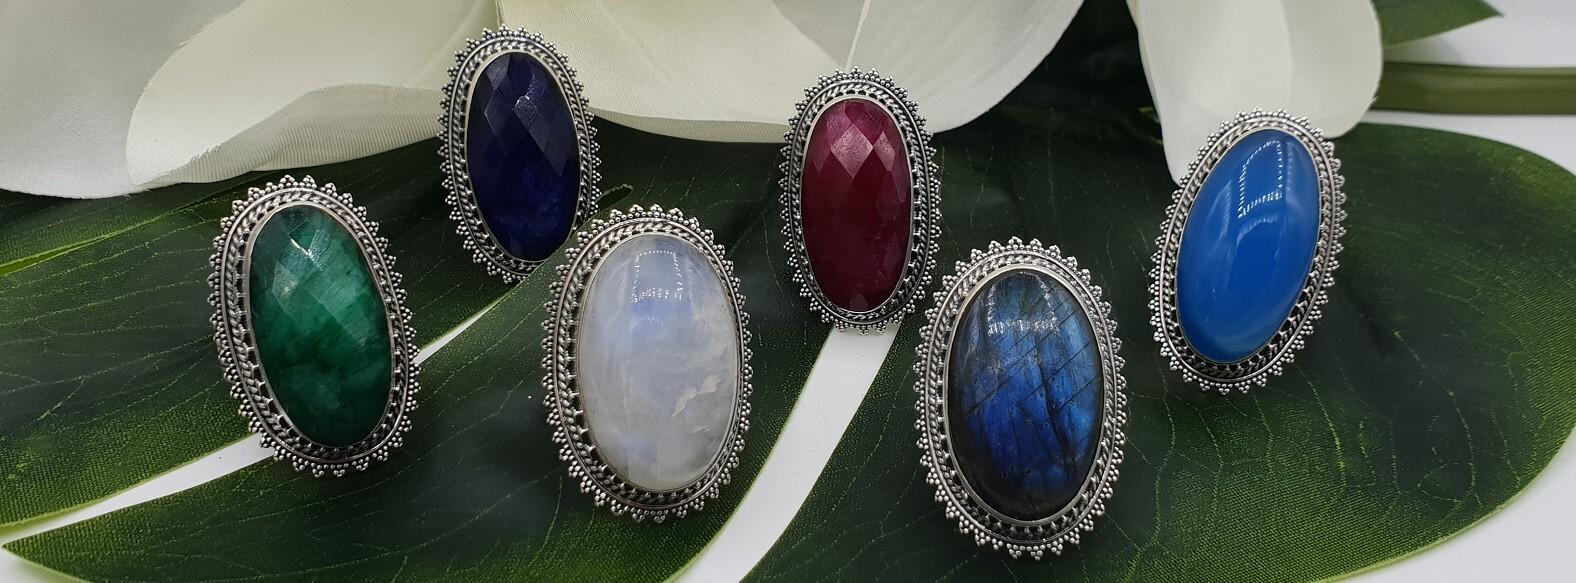 Silberne Edelstein-Ringe